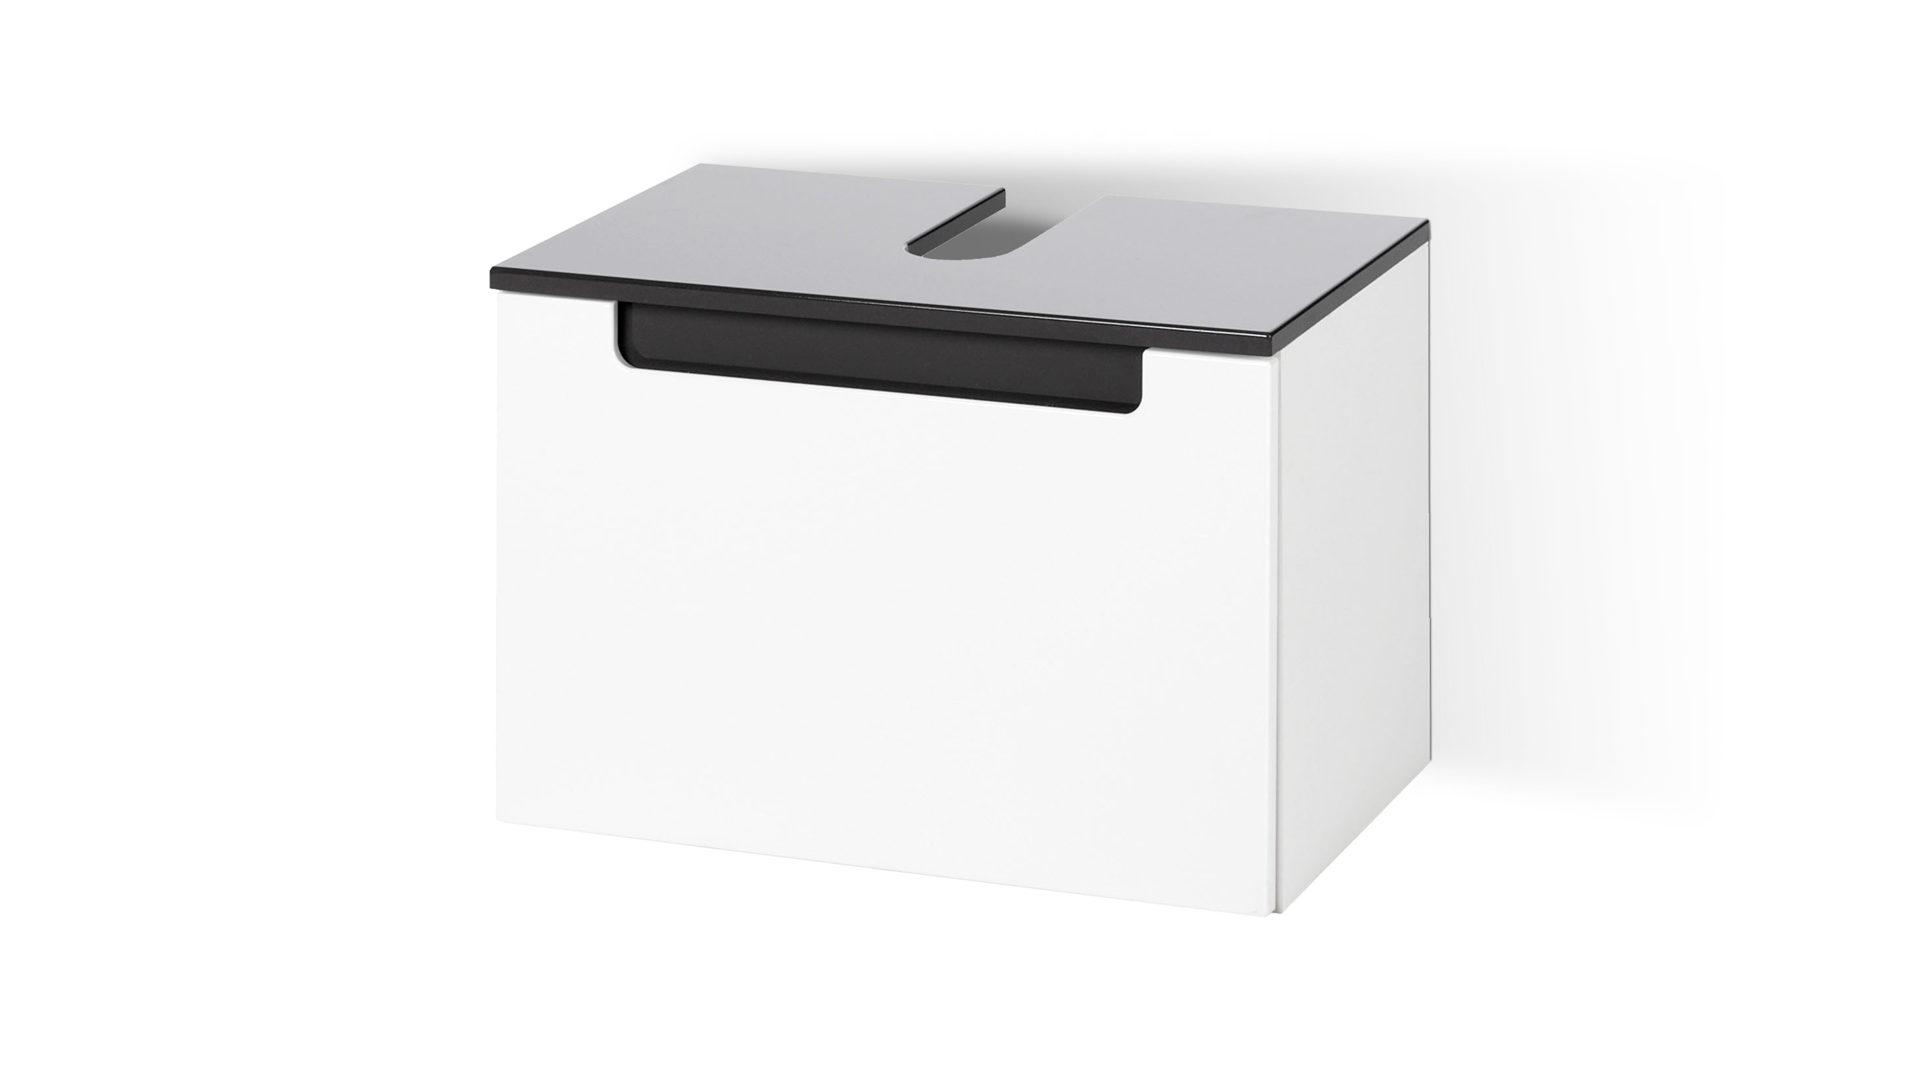 Waschbeckenunterschrank Siena Als Badezimmermöbel Weiße Graue